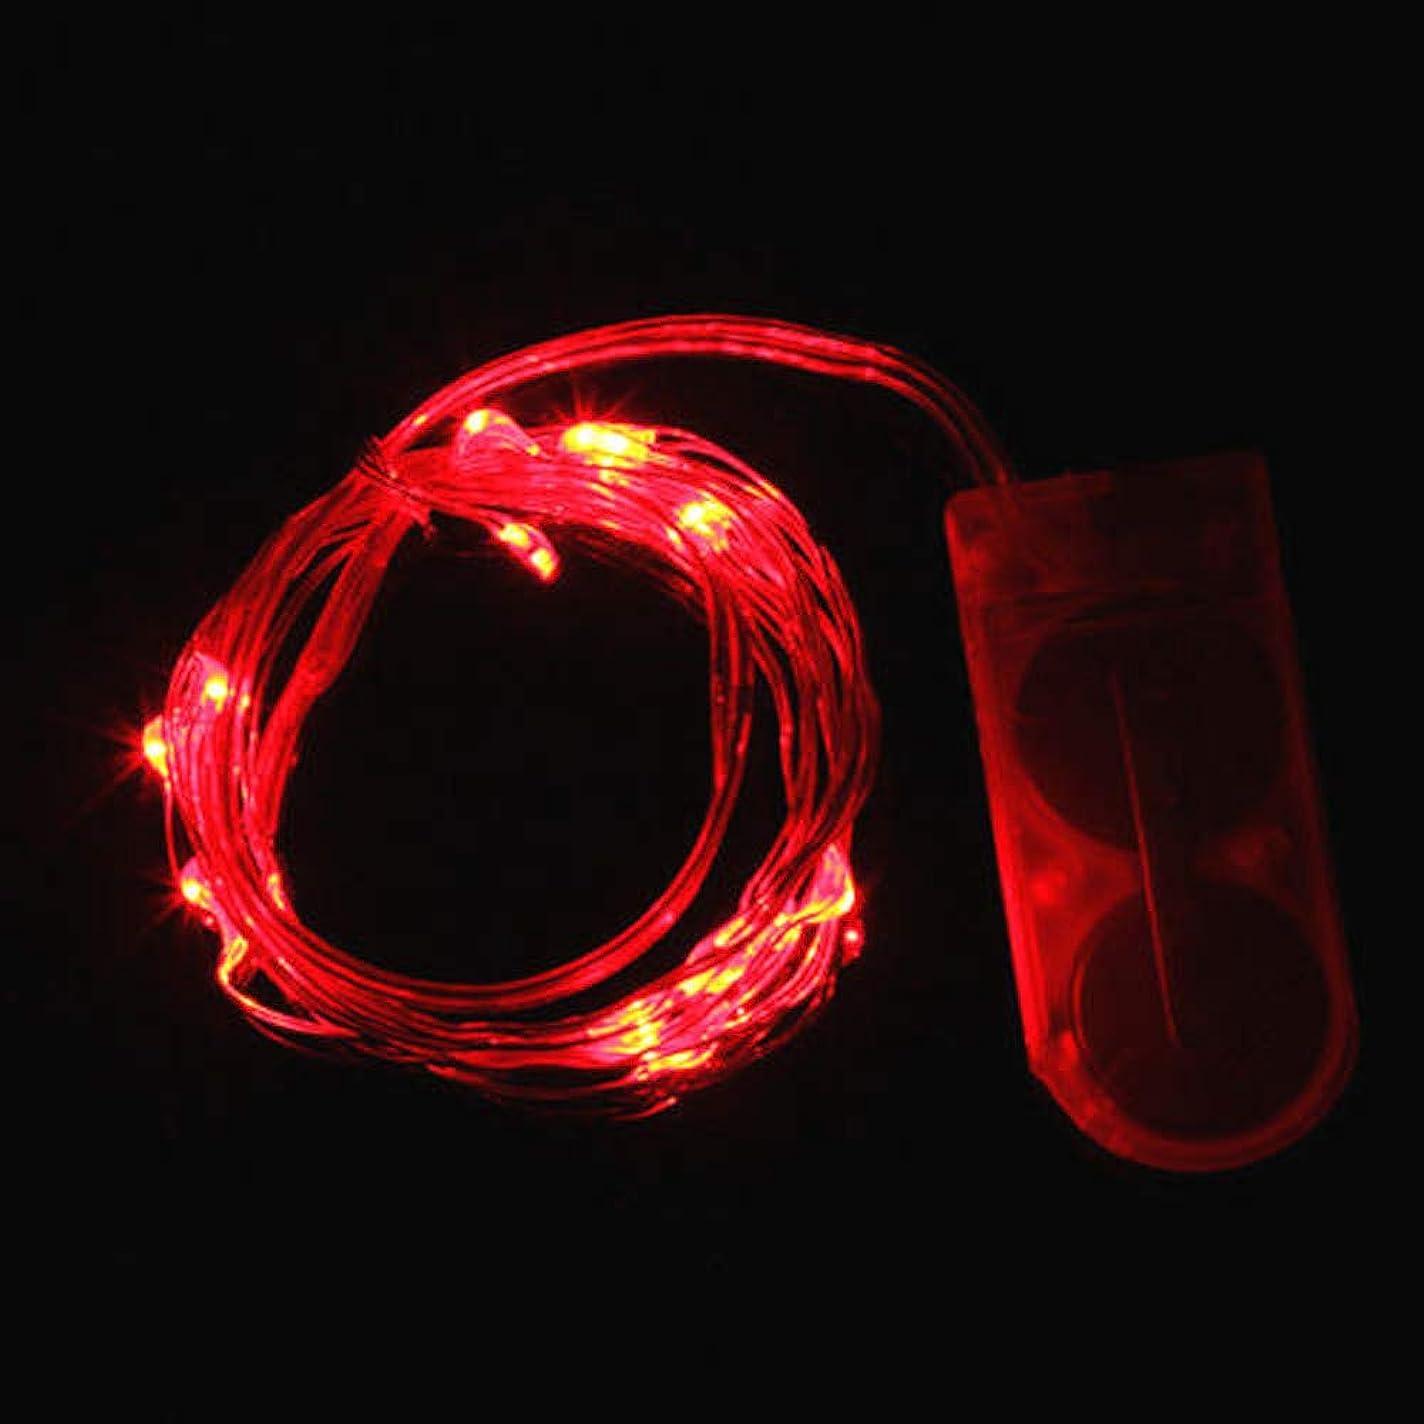 ゴールドカストディアン聖歌LED ライト 20個電球 ミニライト束 ハロウィン 新年 クリスマス Duglo 飾り イルミネーション おしゃれ 学園祭 結婚式 喫茶店 レストラン 図書館 文化祭 パーティー 北欧風 部屋飾り 可愛い デコレーション 電池式 String Lights (2m 20LED, レッド)